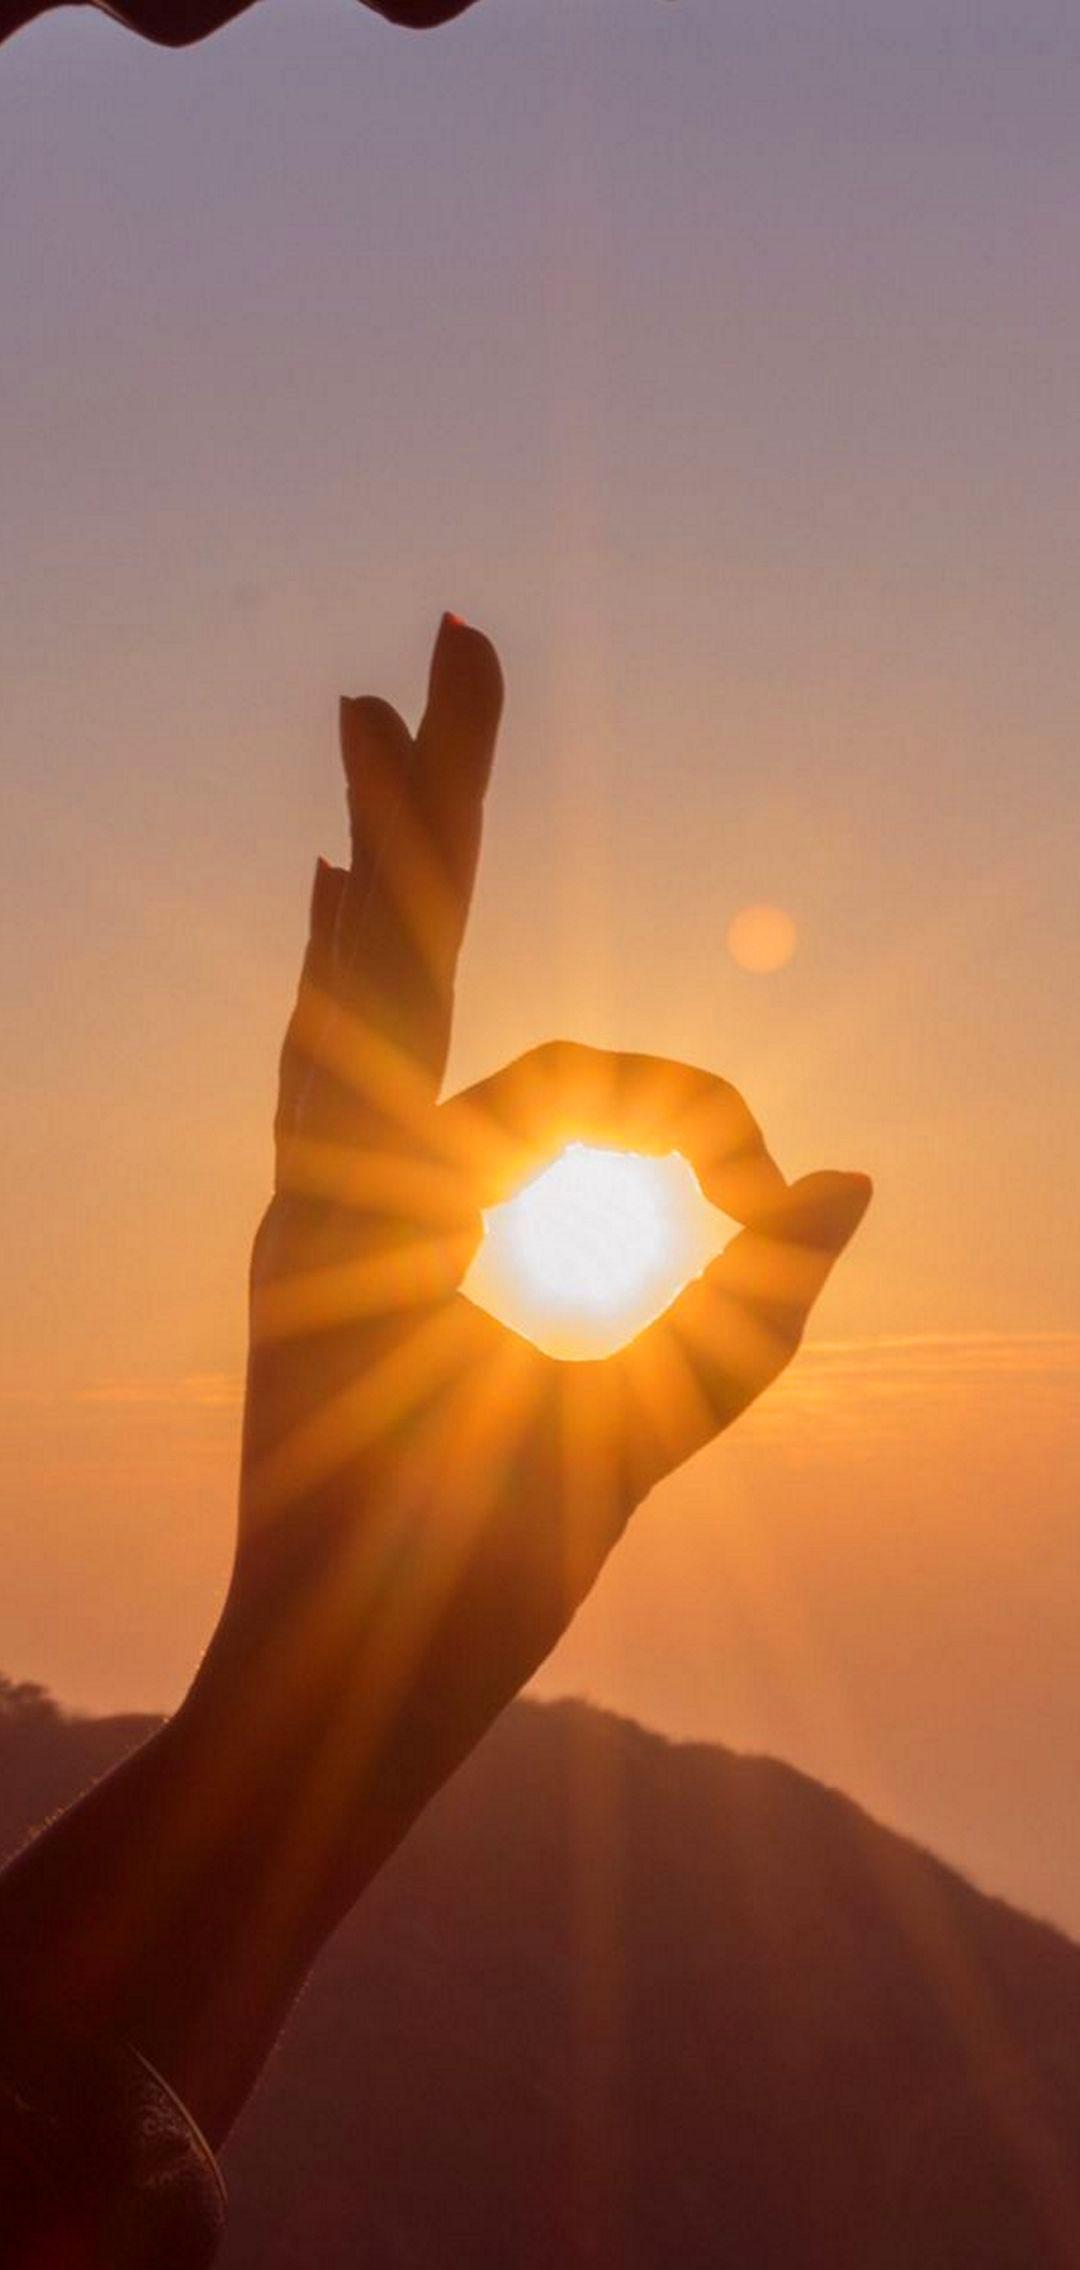 Hand Sun Rays Nature 1080x2 1